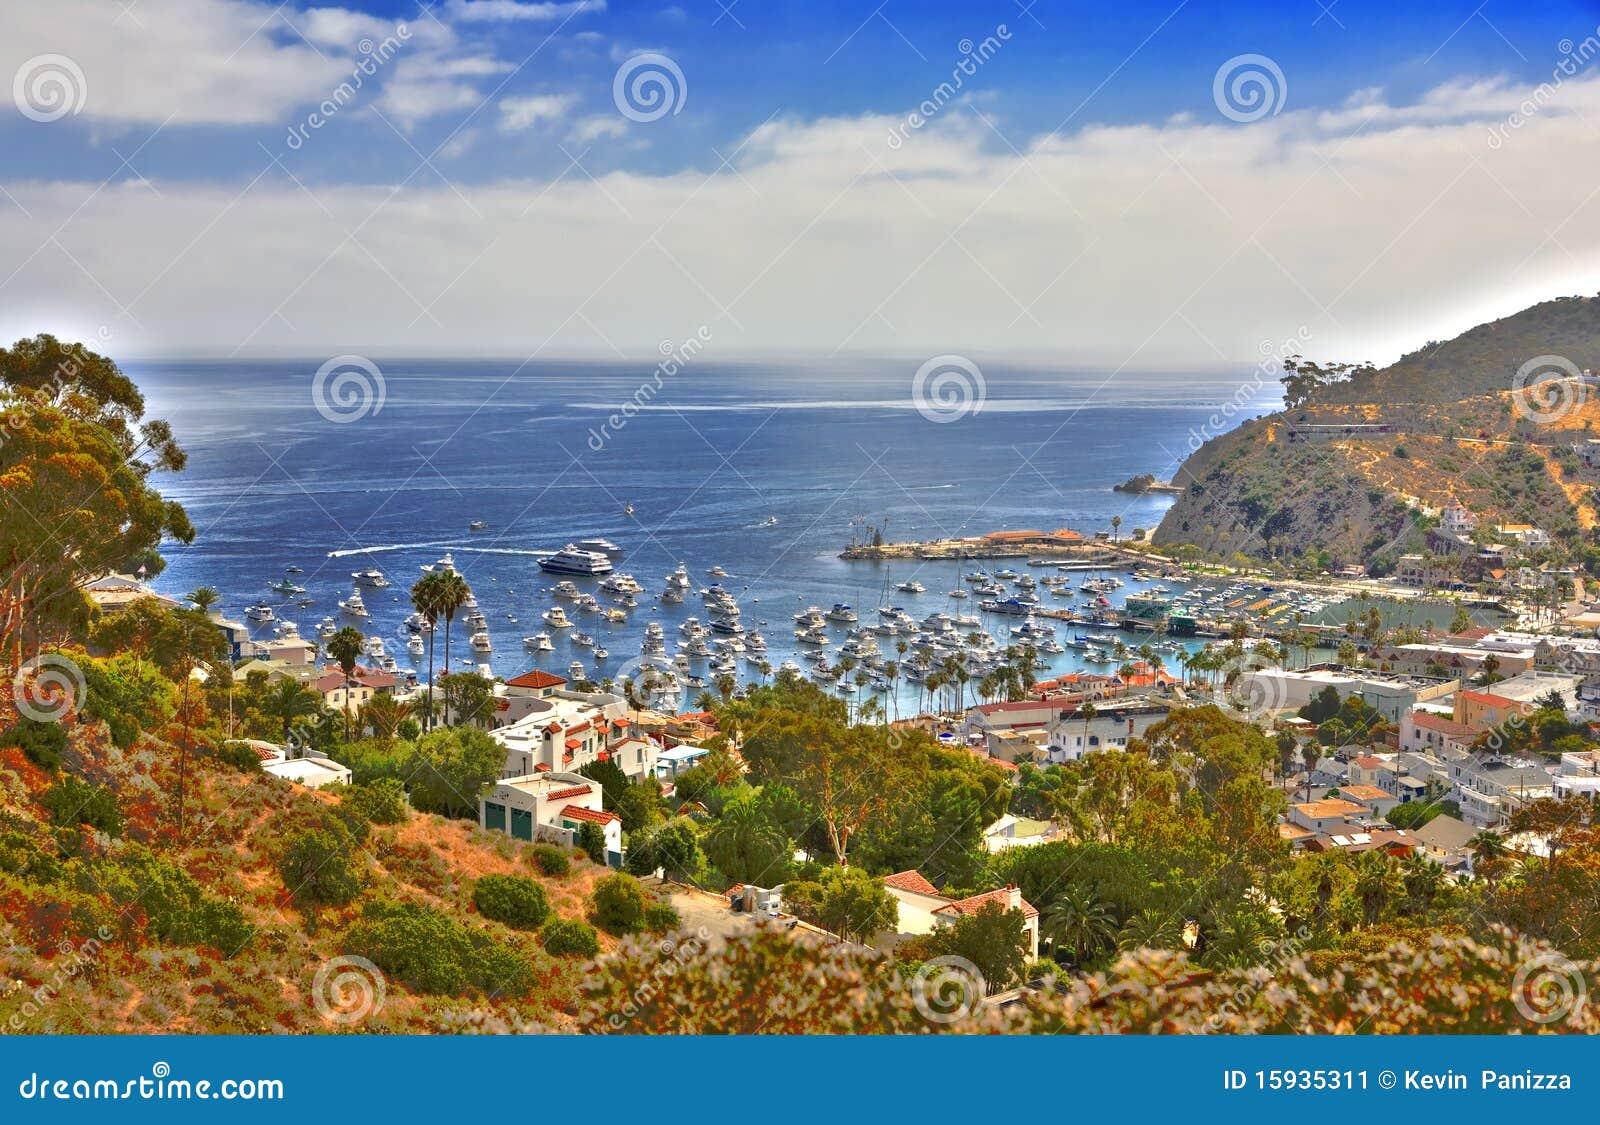 HDR Bild von Avalon Sankt Catalina